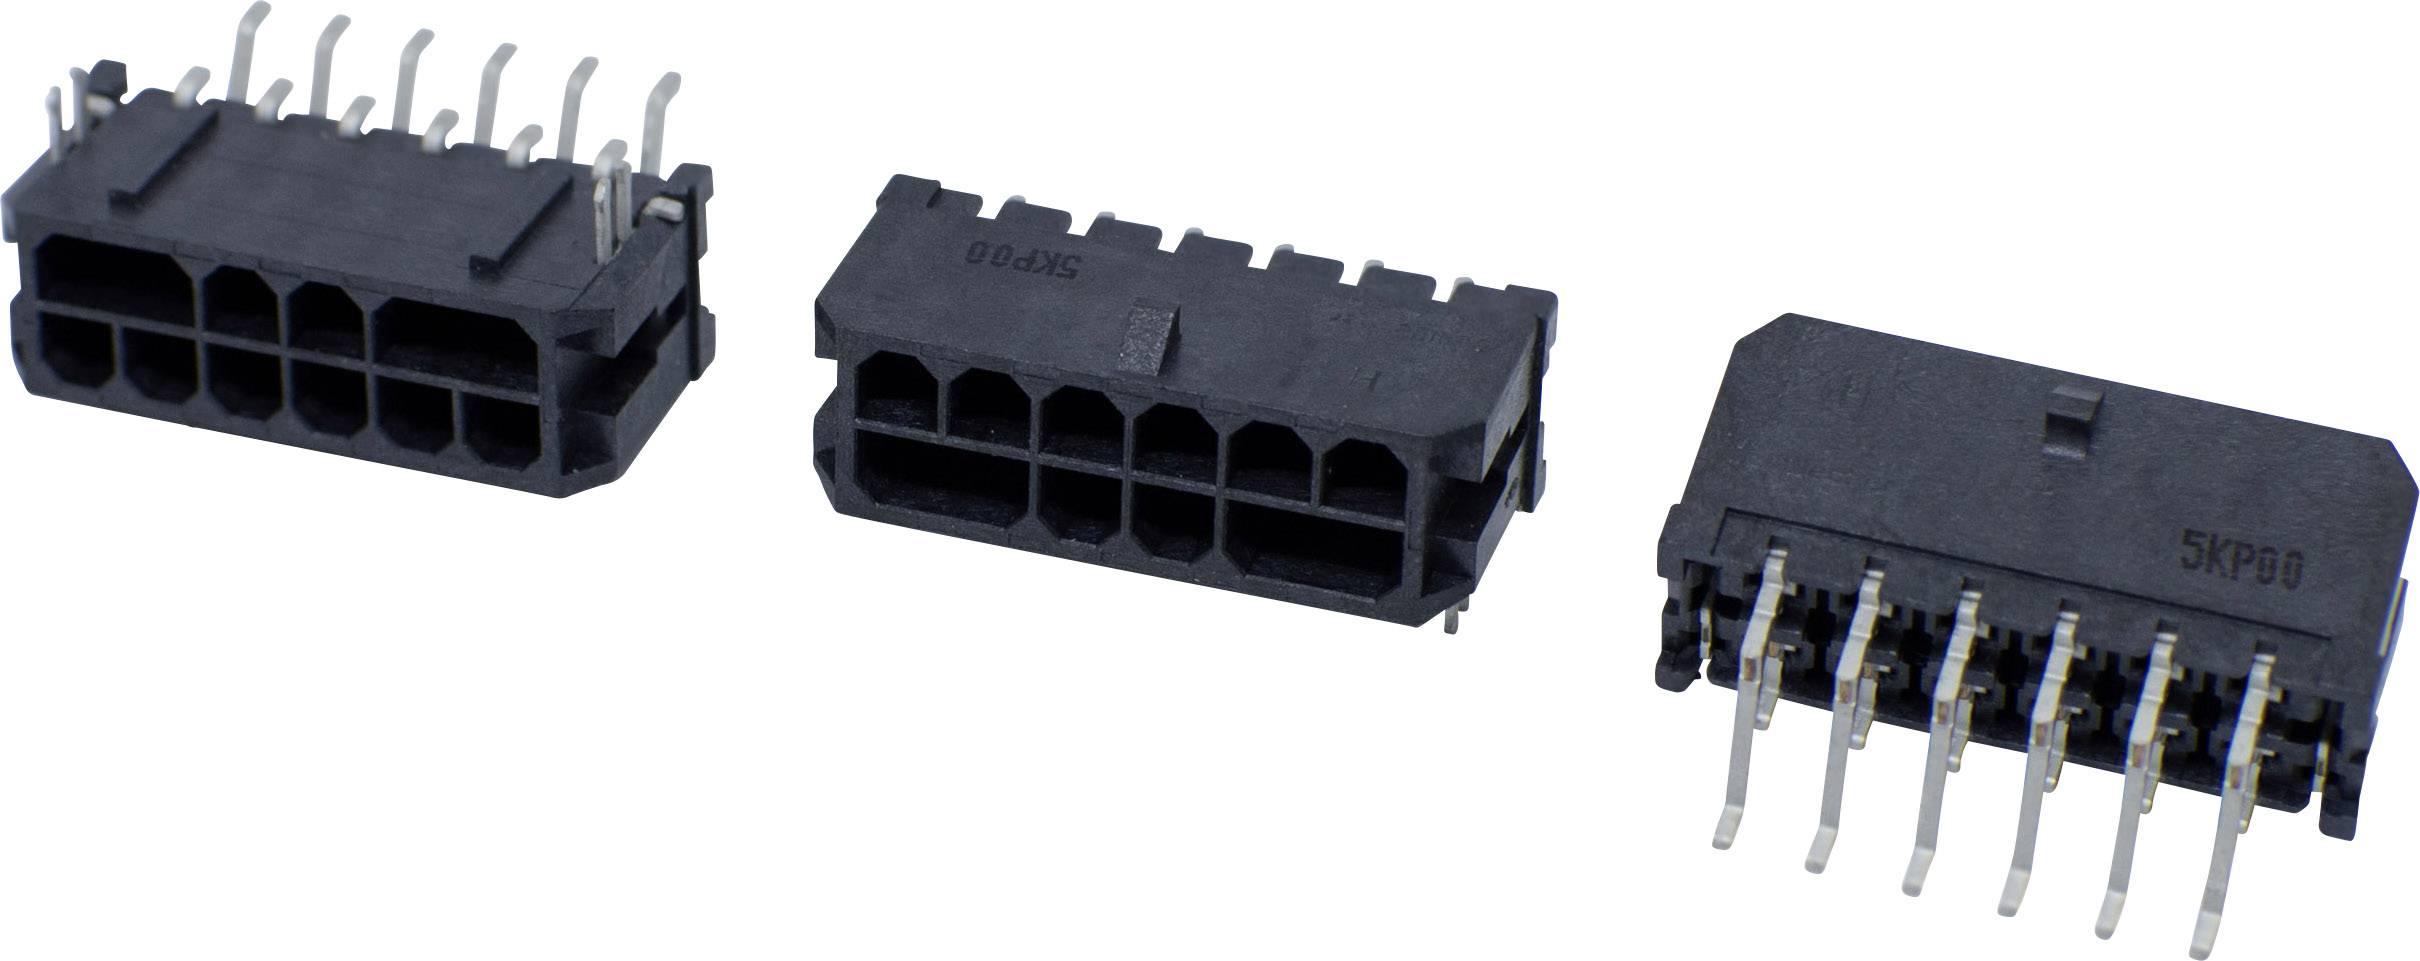 Pinová lišta (štandardná) BellWether 70096-0408, pólů 4, rozteč 3 mm, 1 ks